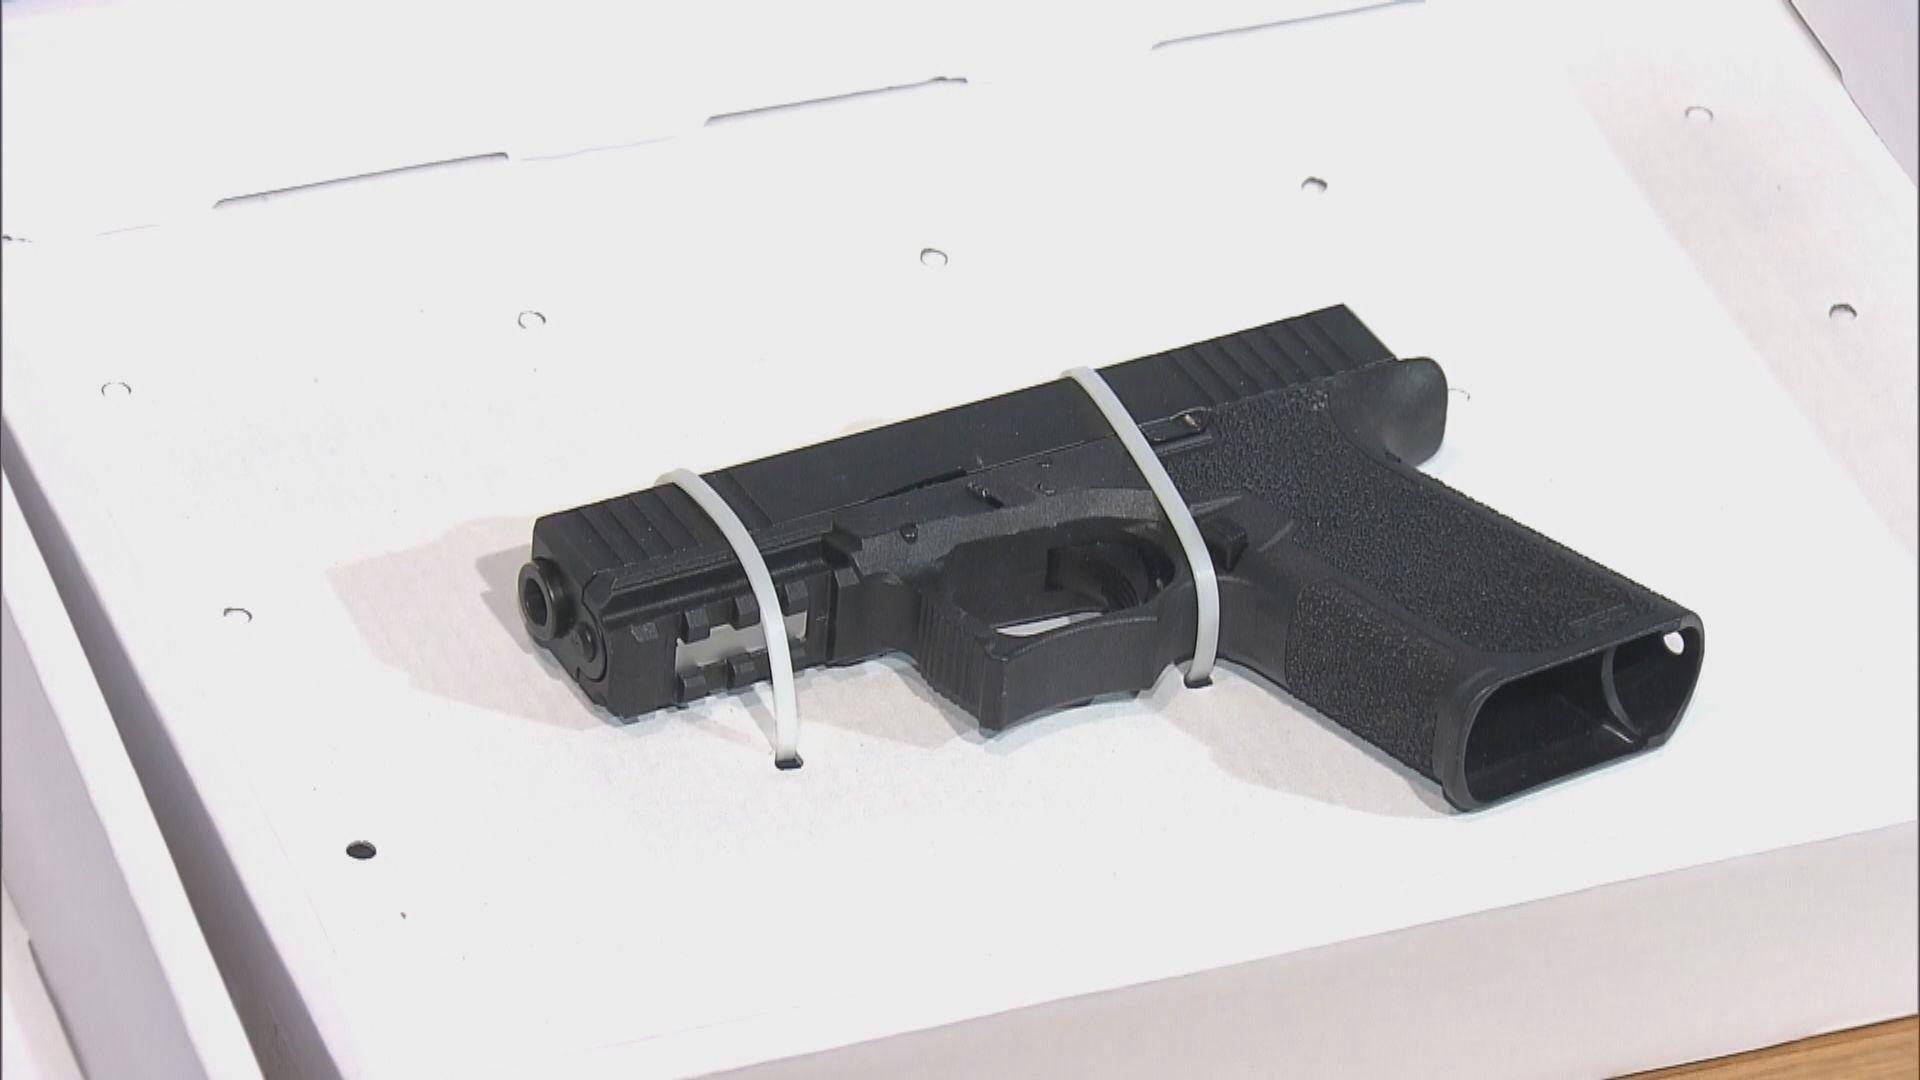 警方檢手槍及過百發子彈拘11人 相信瓦解激進團夥